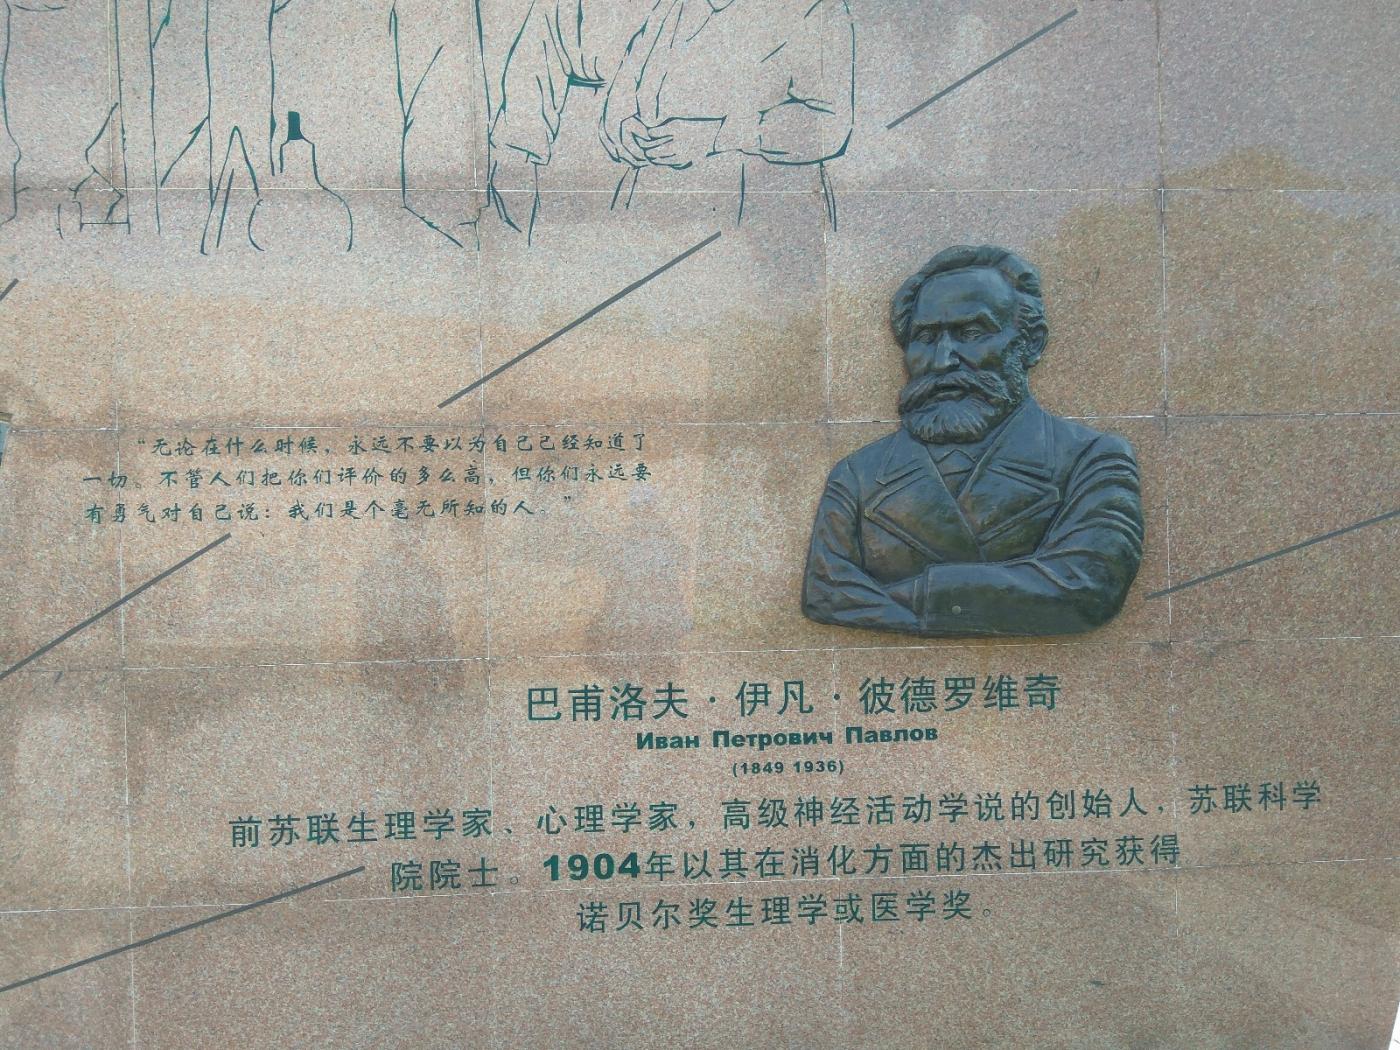 群雕:中外医学大师(图)_图1-23